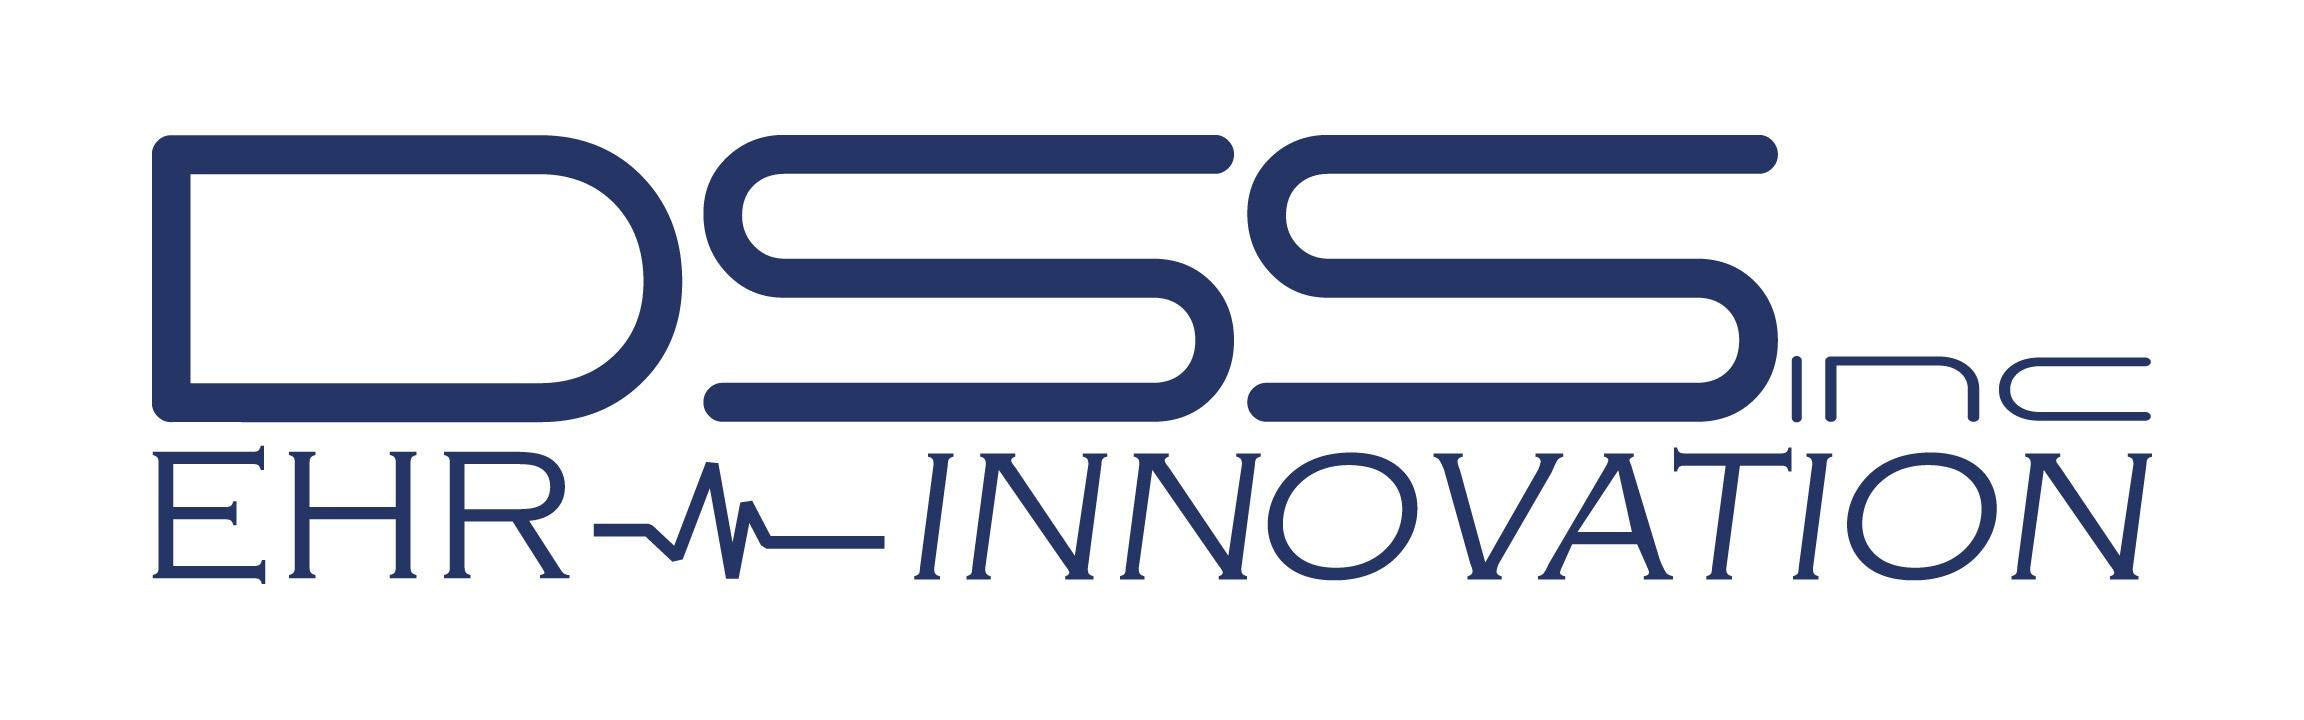 DSS_Logo_EHR_2013_2300.jpg